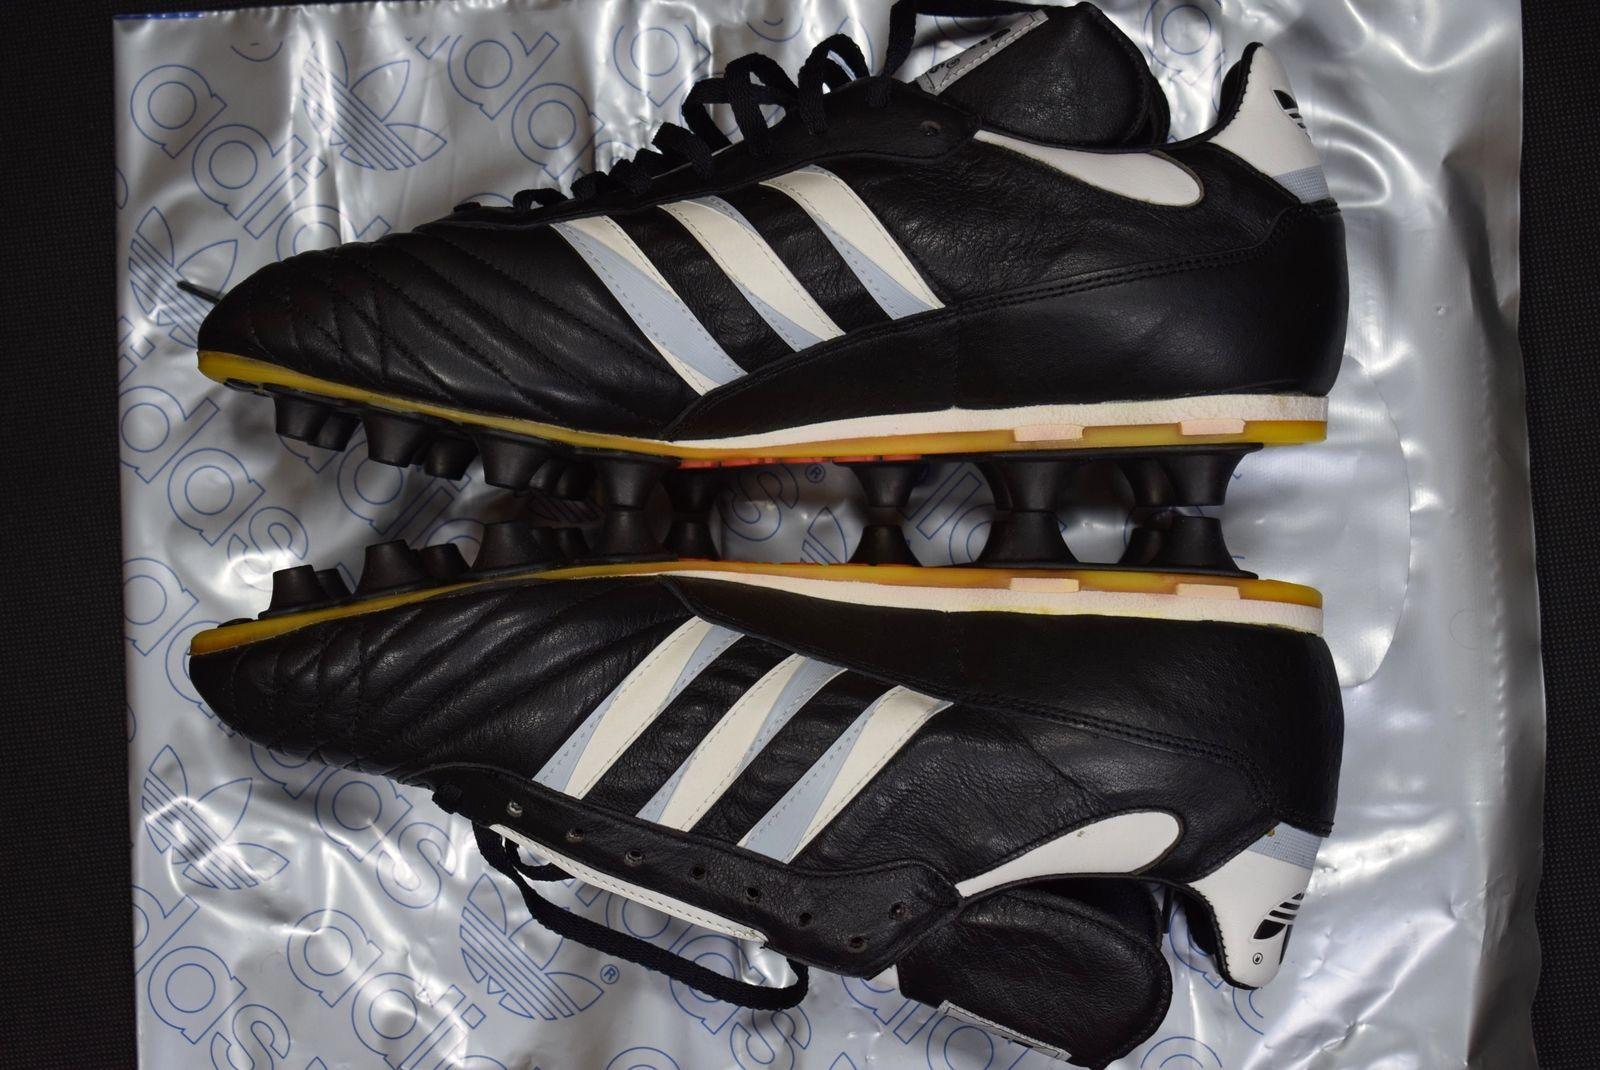 Adidas World Cup Fussball Schuhe soccer zapatos zapatos de fútbol West